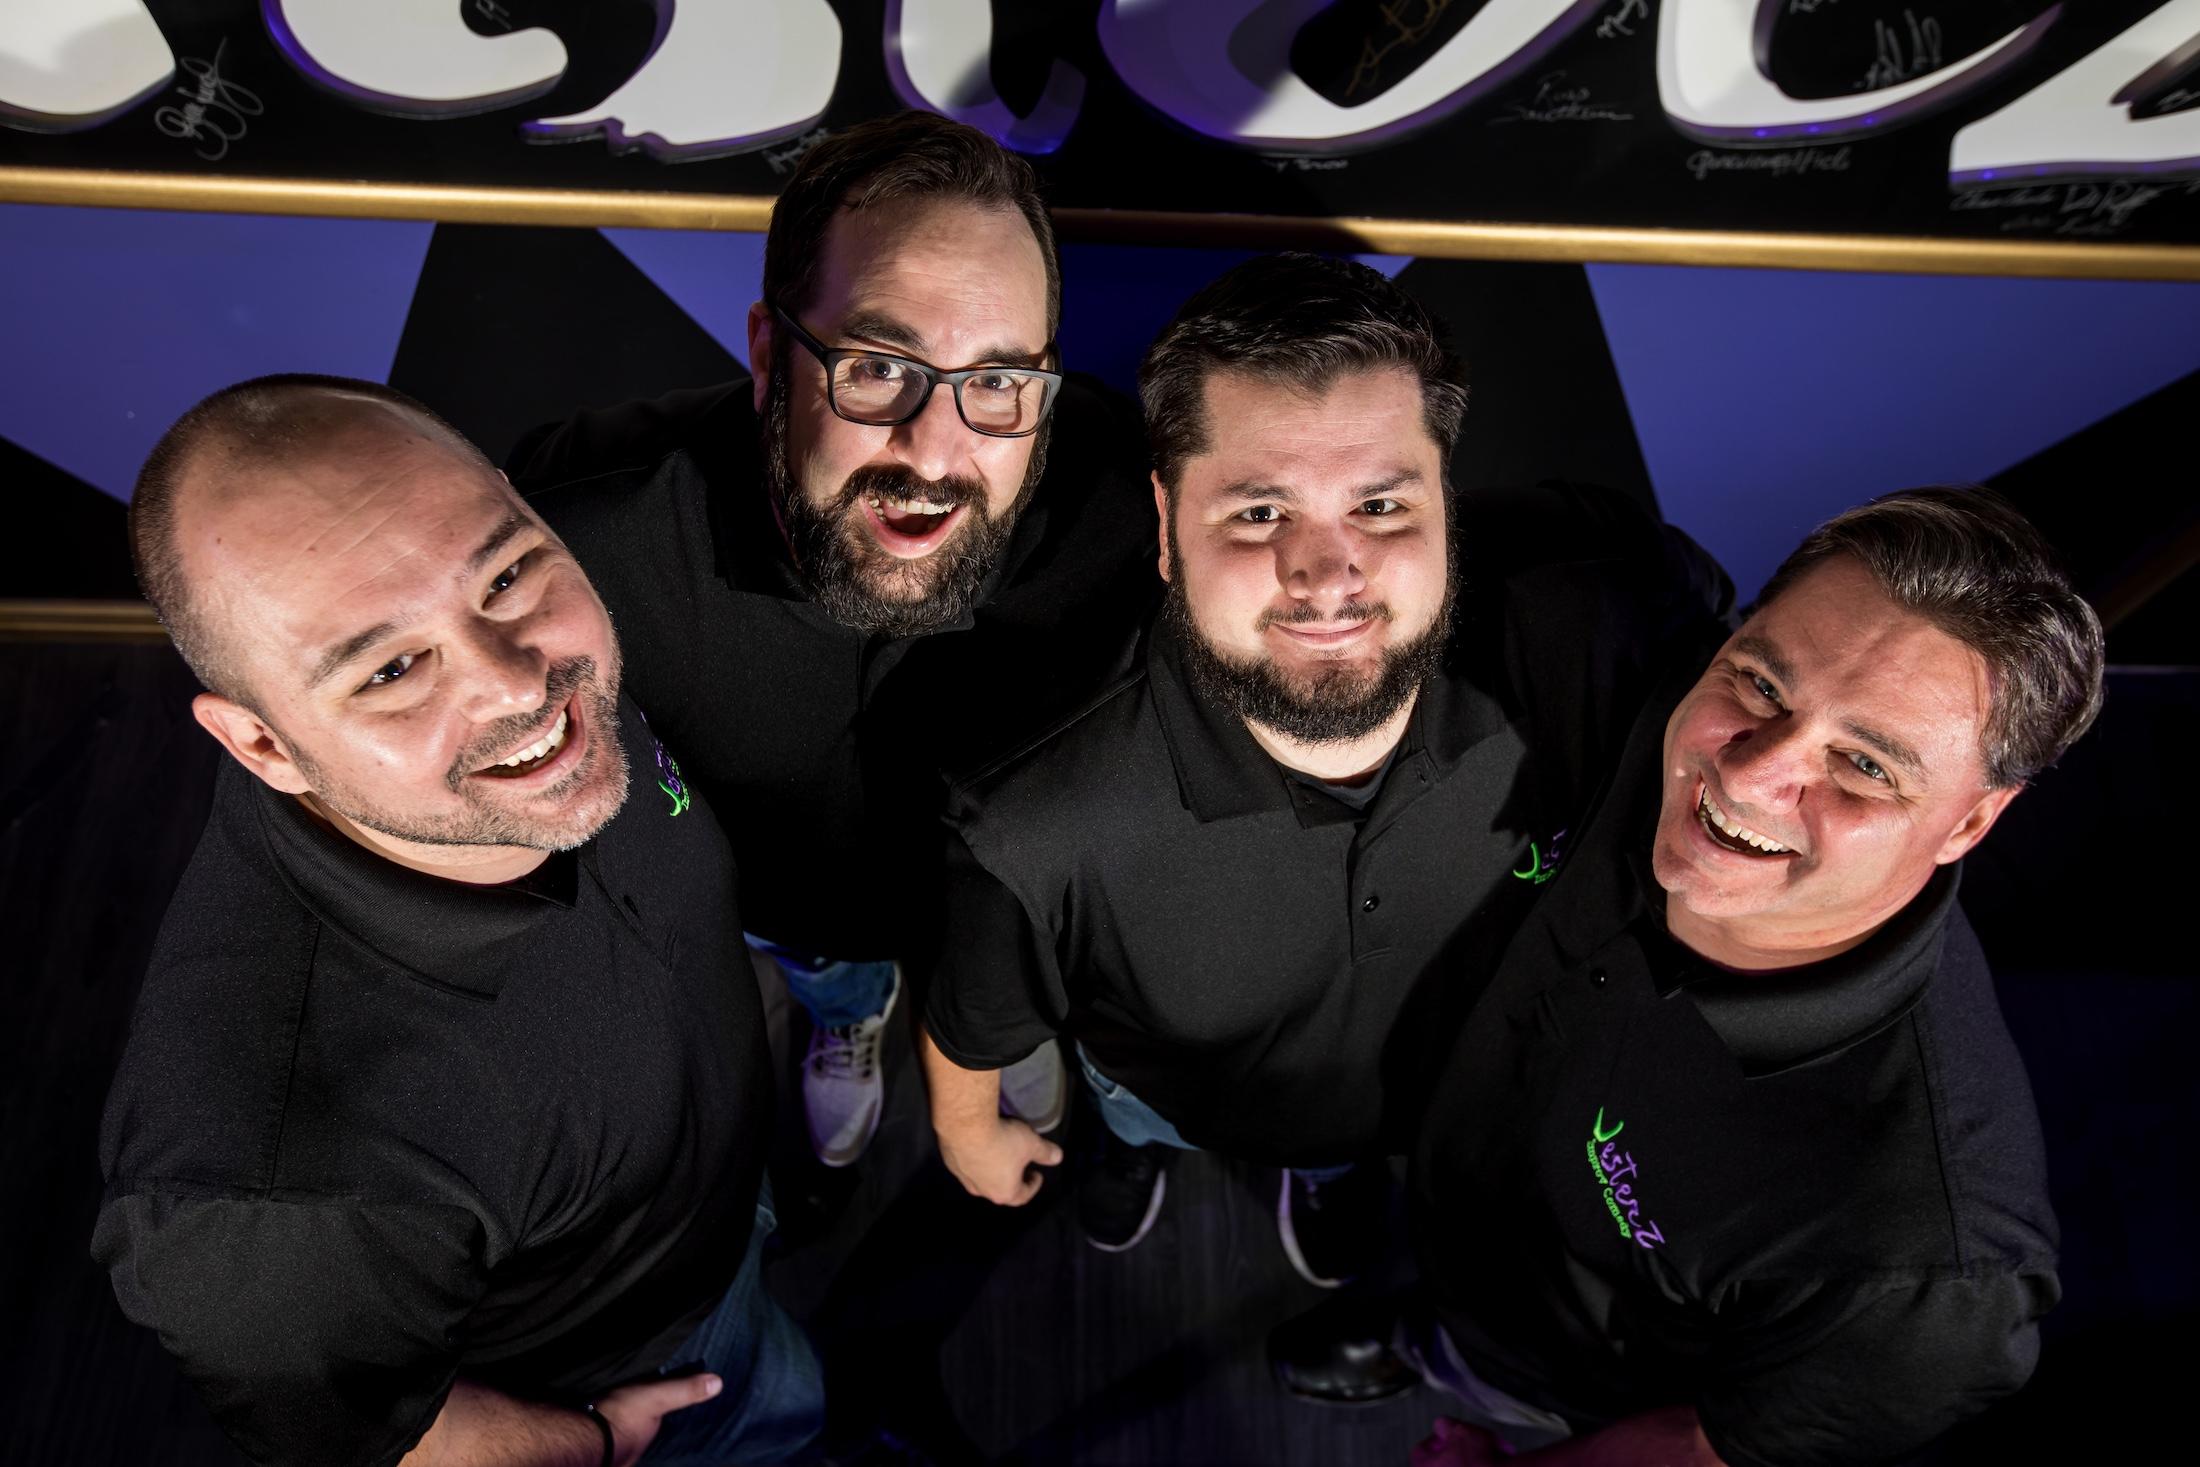 Improv Comedy Show – JesterZ – Tickets – JesterZ Improv